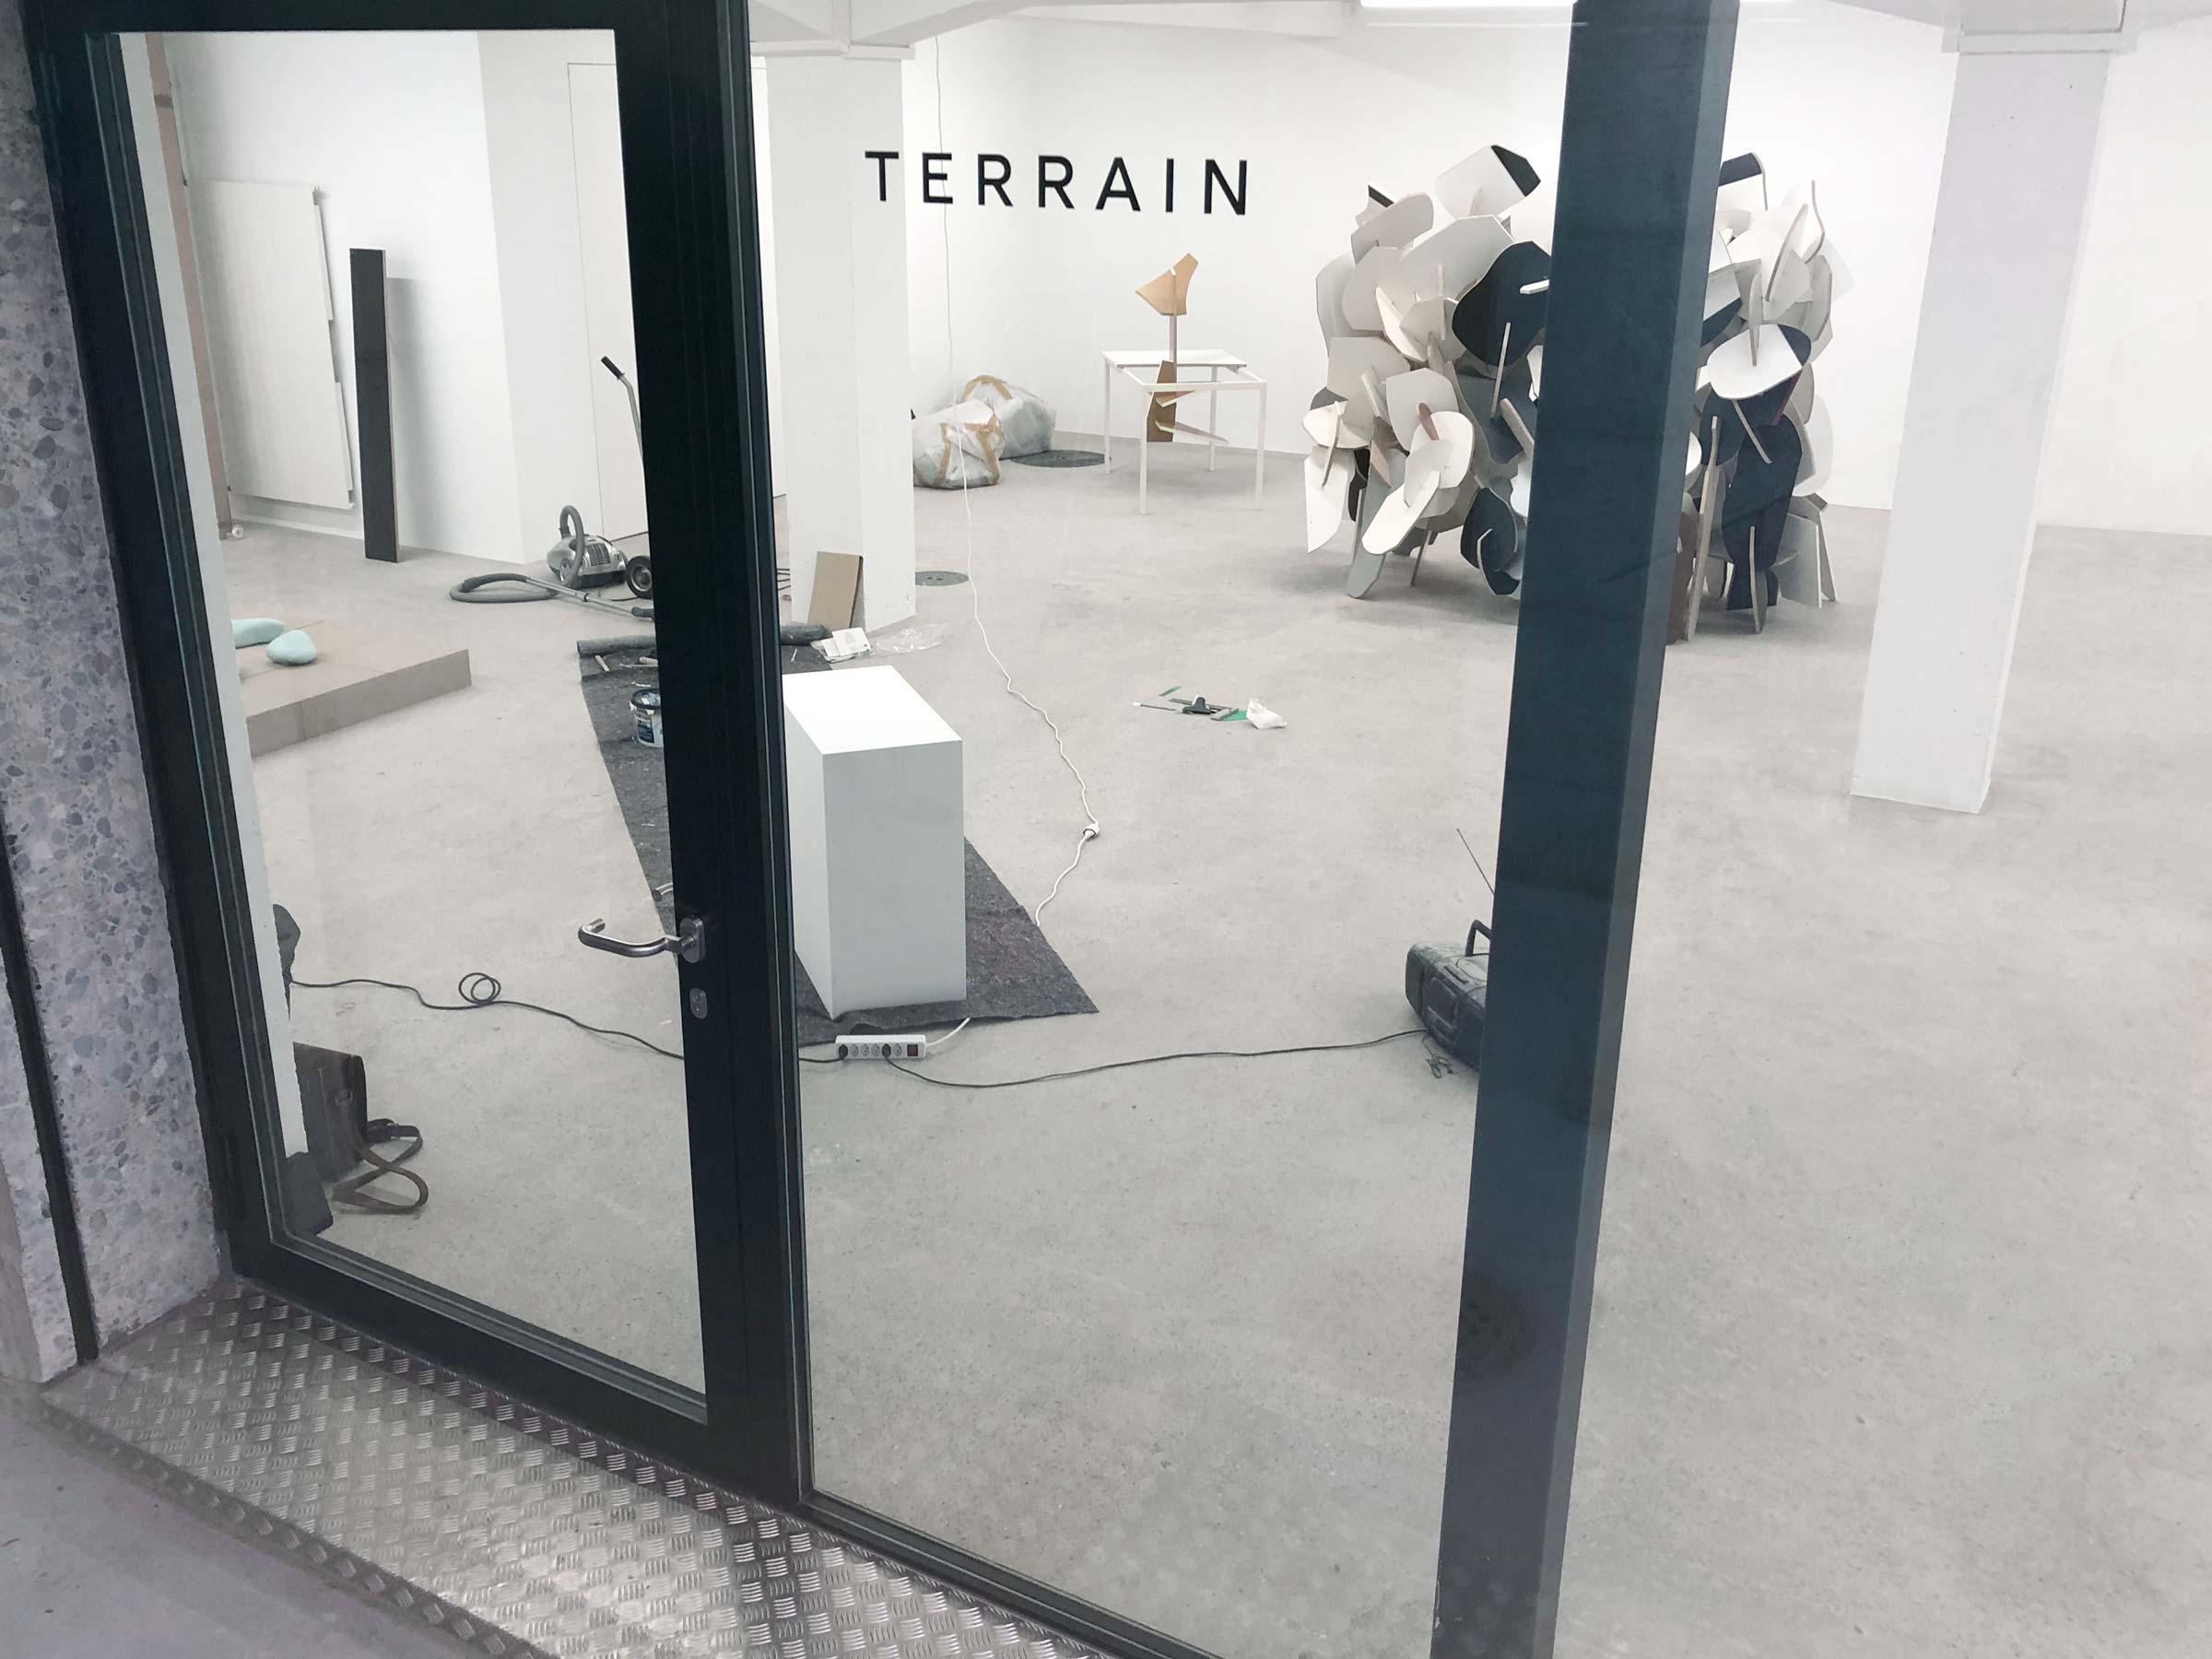 Eröffnung «Terrain» mit Giro Annen